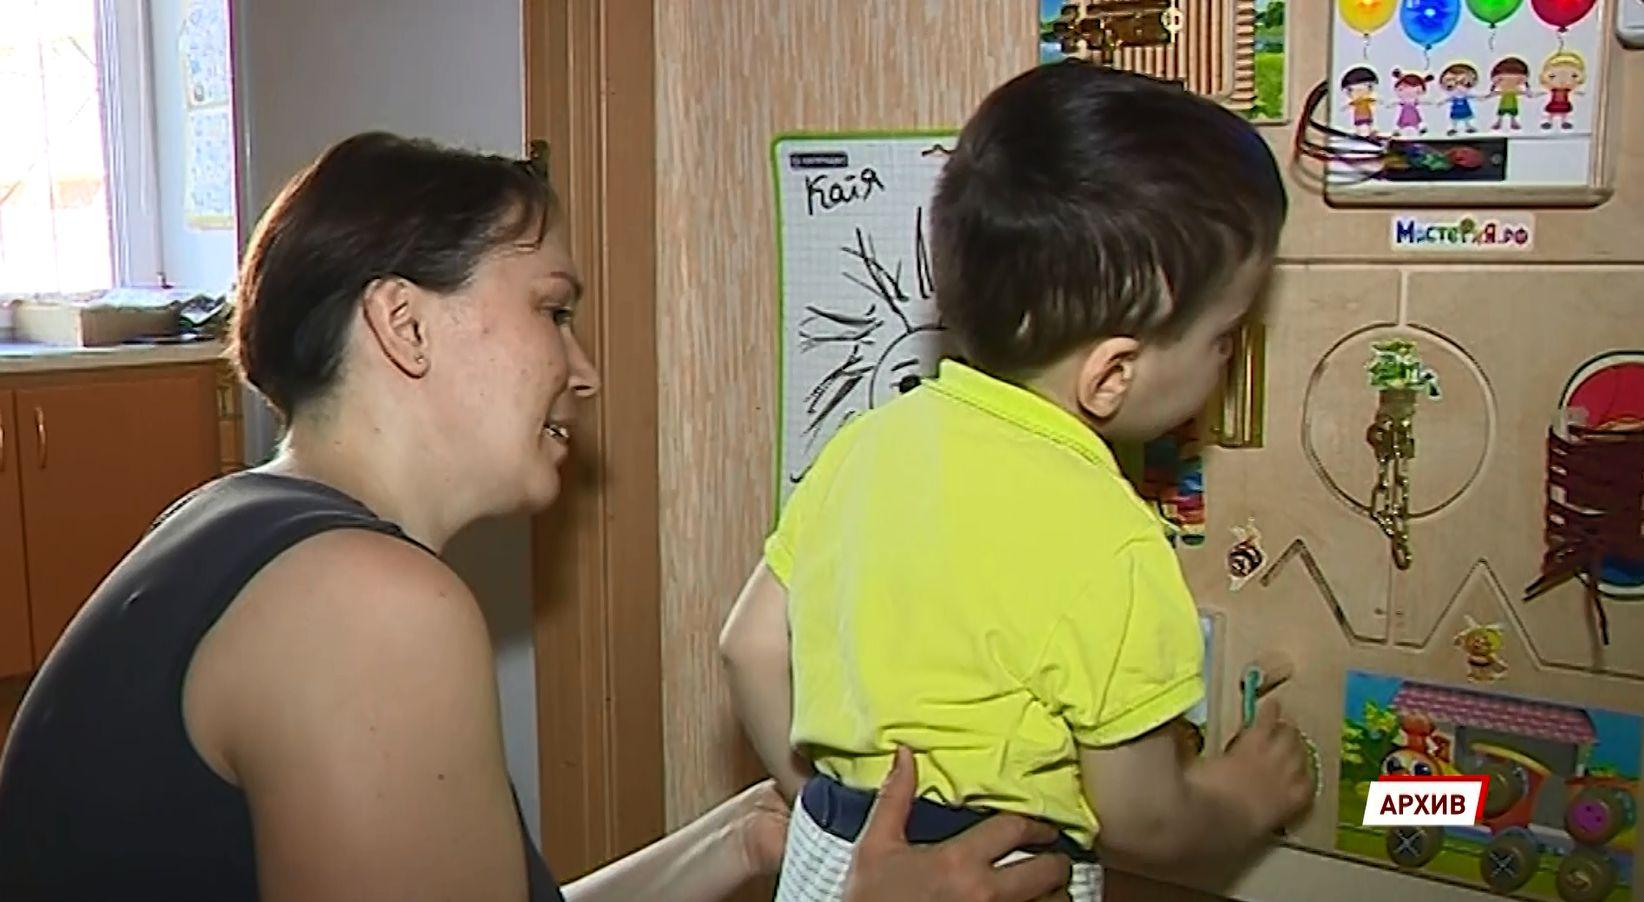 Услуга социальной няни для детей-инвалидов останется бесплатной - сообщили в Департаменте труда и социальной поддержки населения Ярославской области